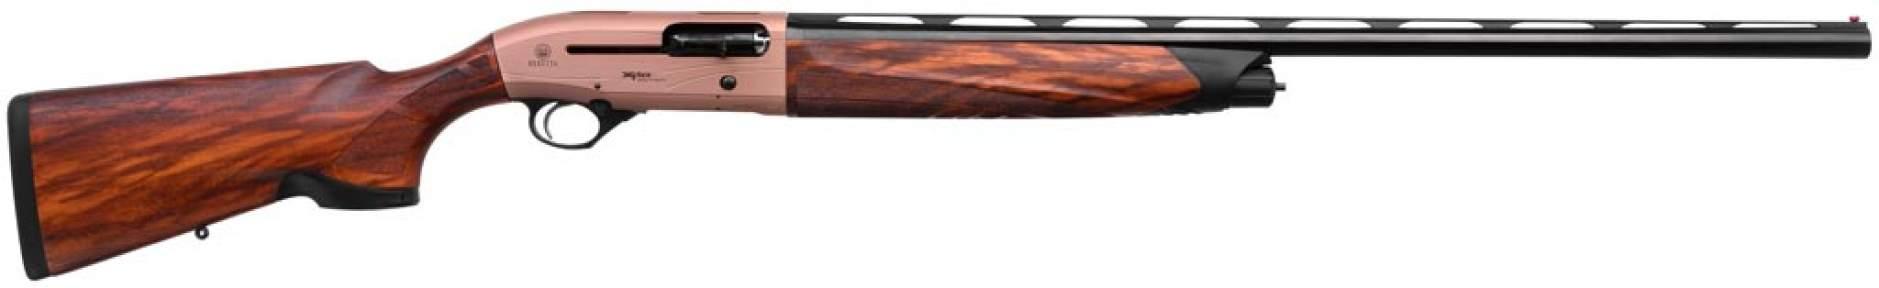 Ружье Beretta A400 Xplor Action OCHP кал. 12/76